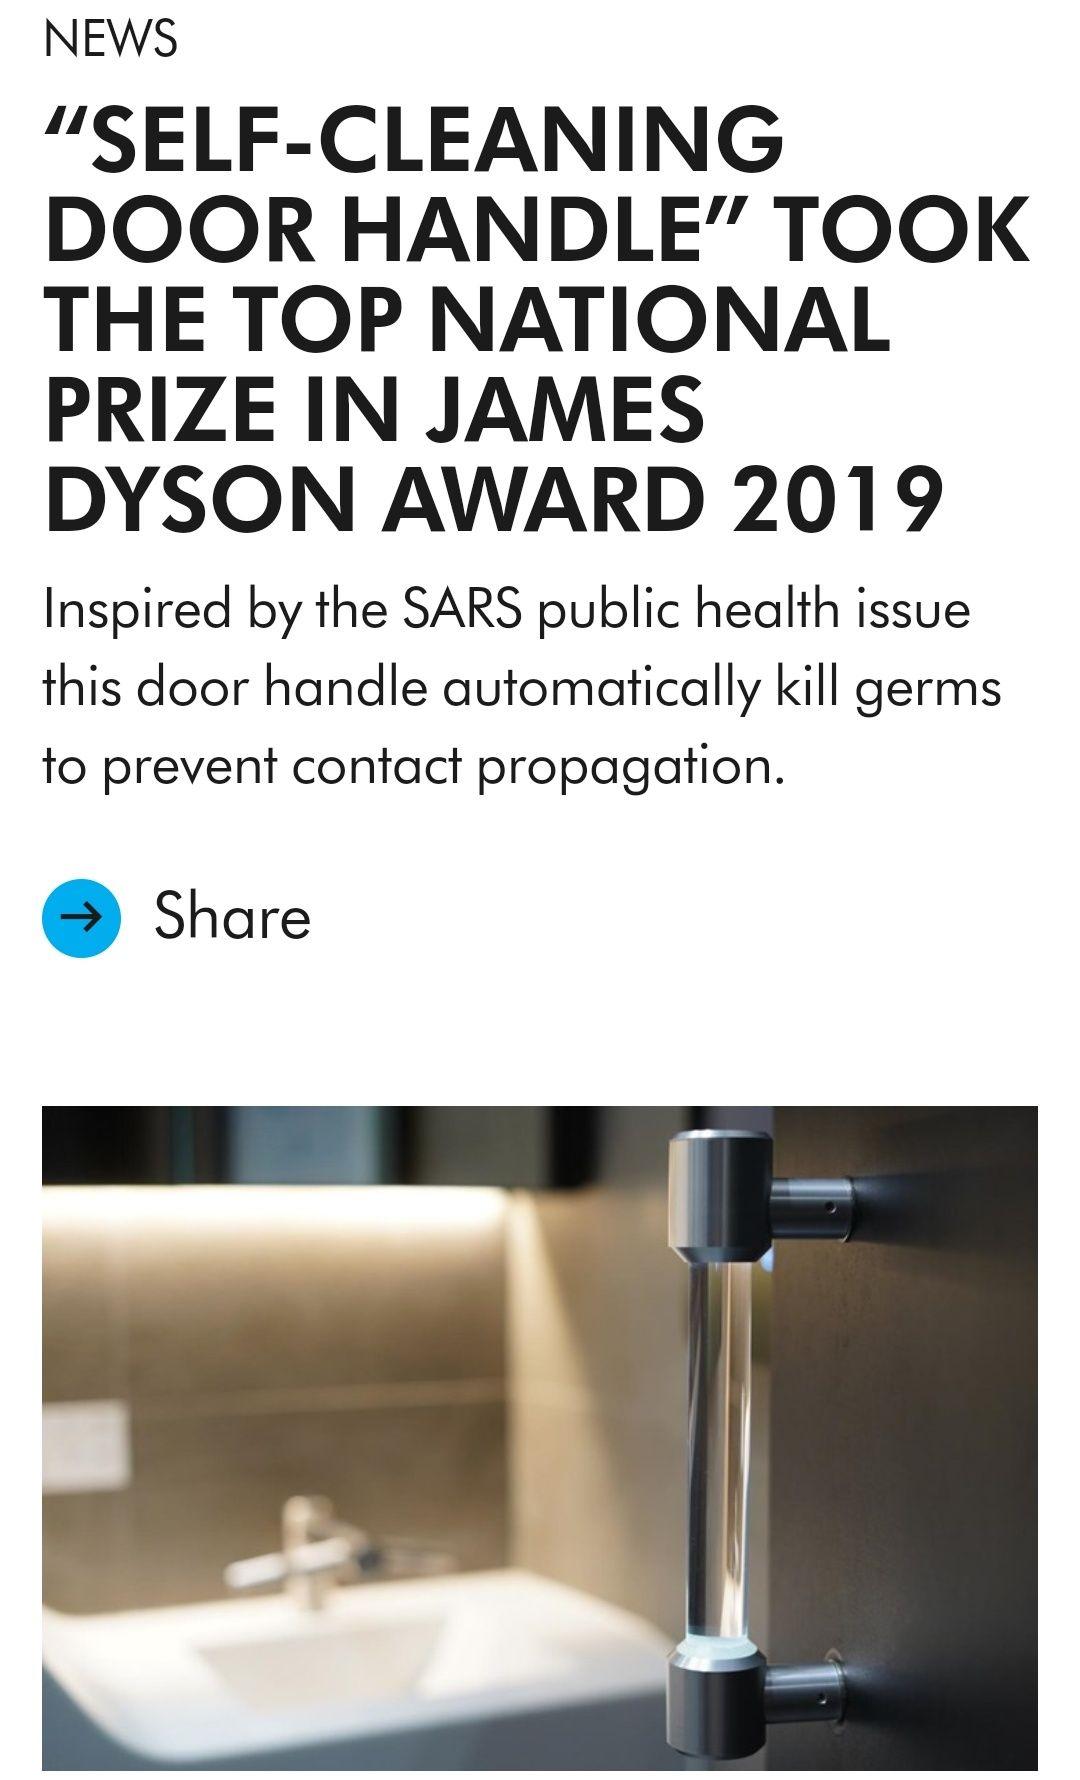 Self-sanitizing Door Handle